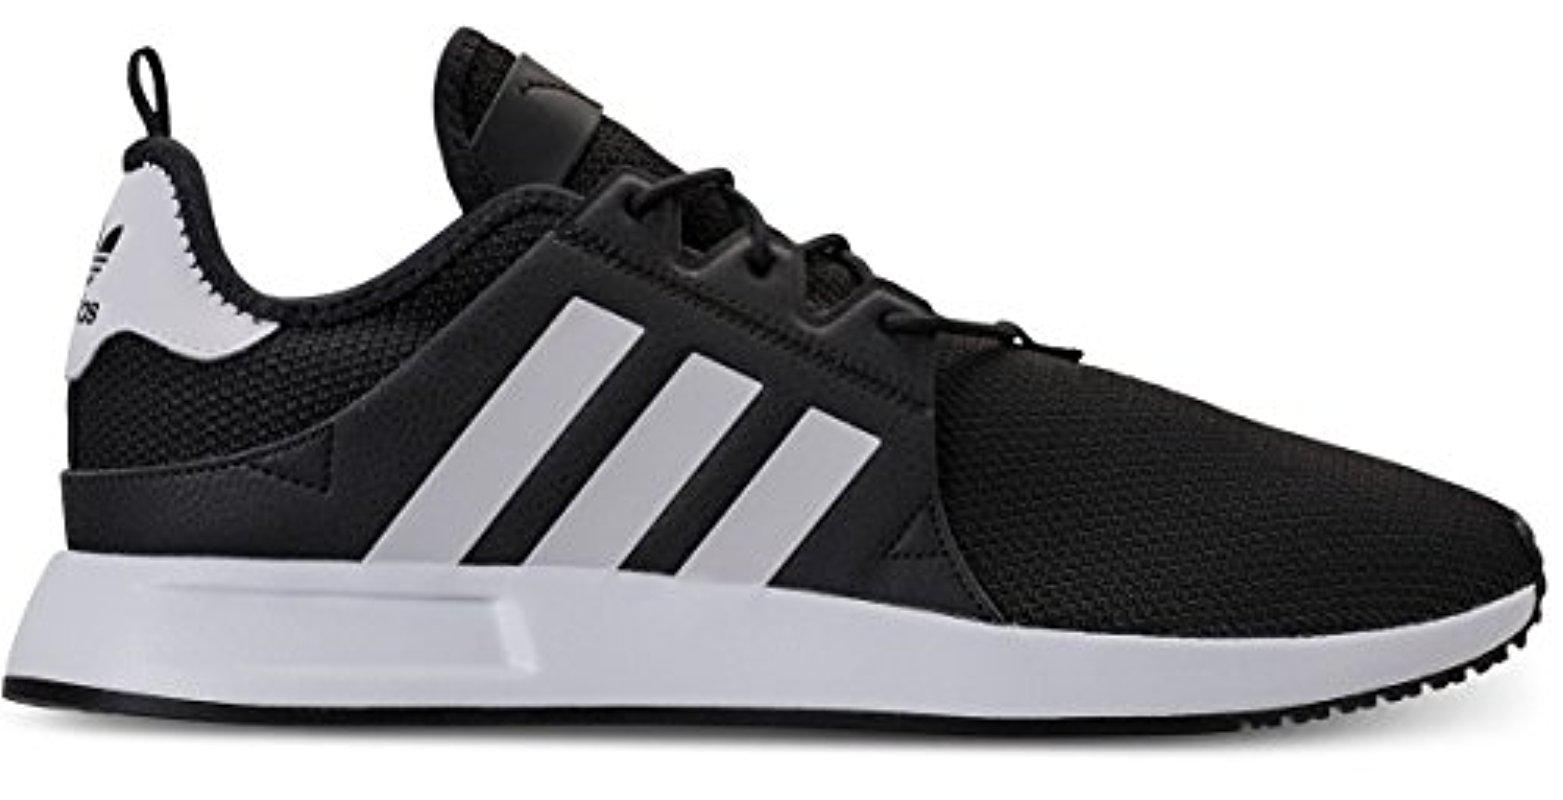 lyst adidas originals x plr sneaker mode für männer in schwarz